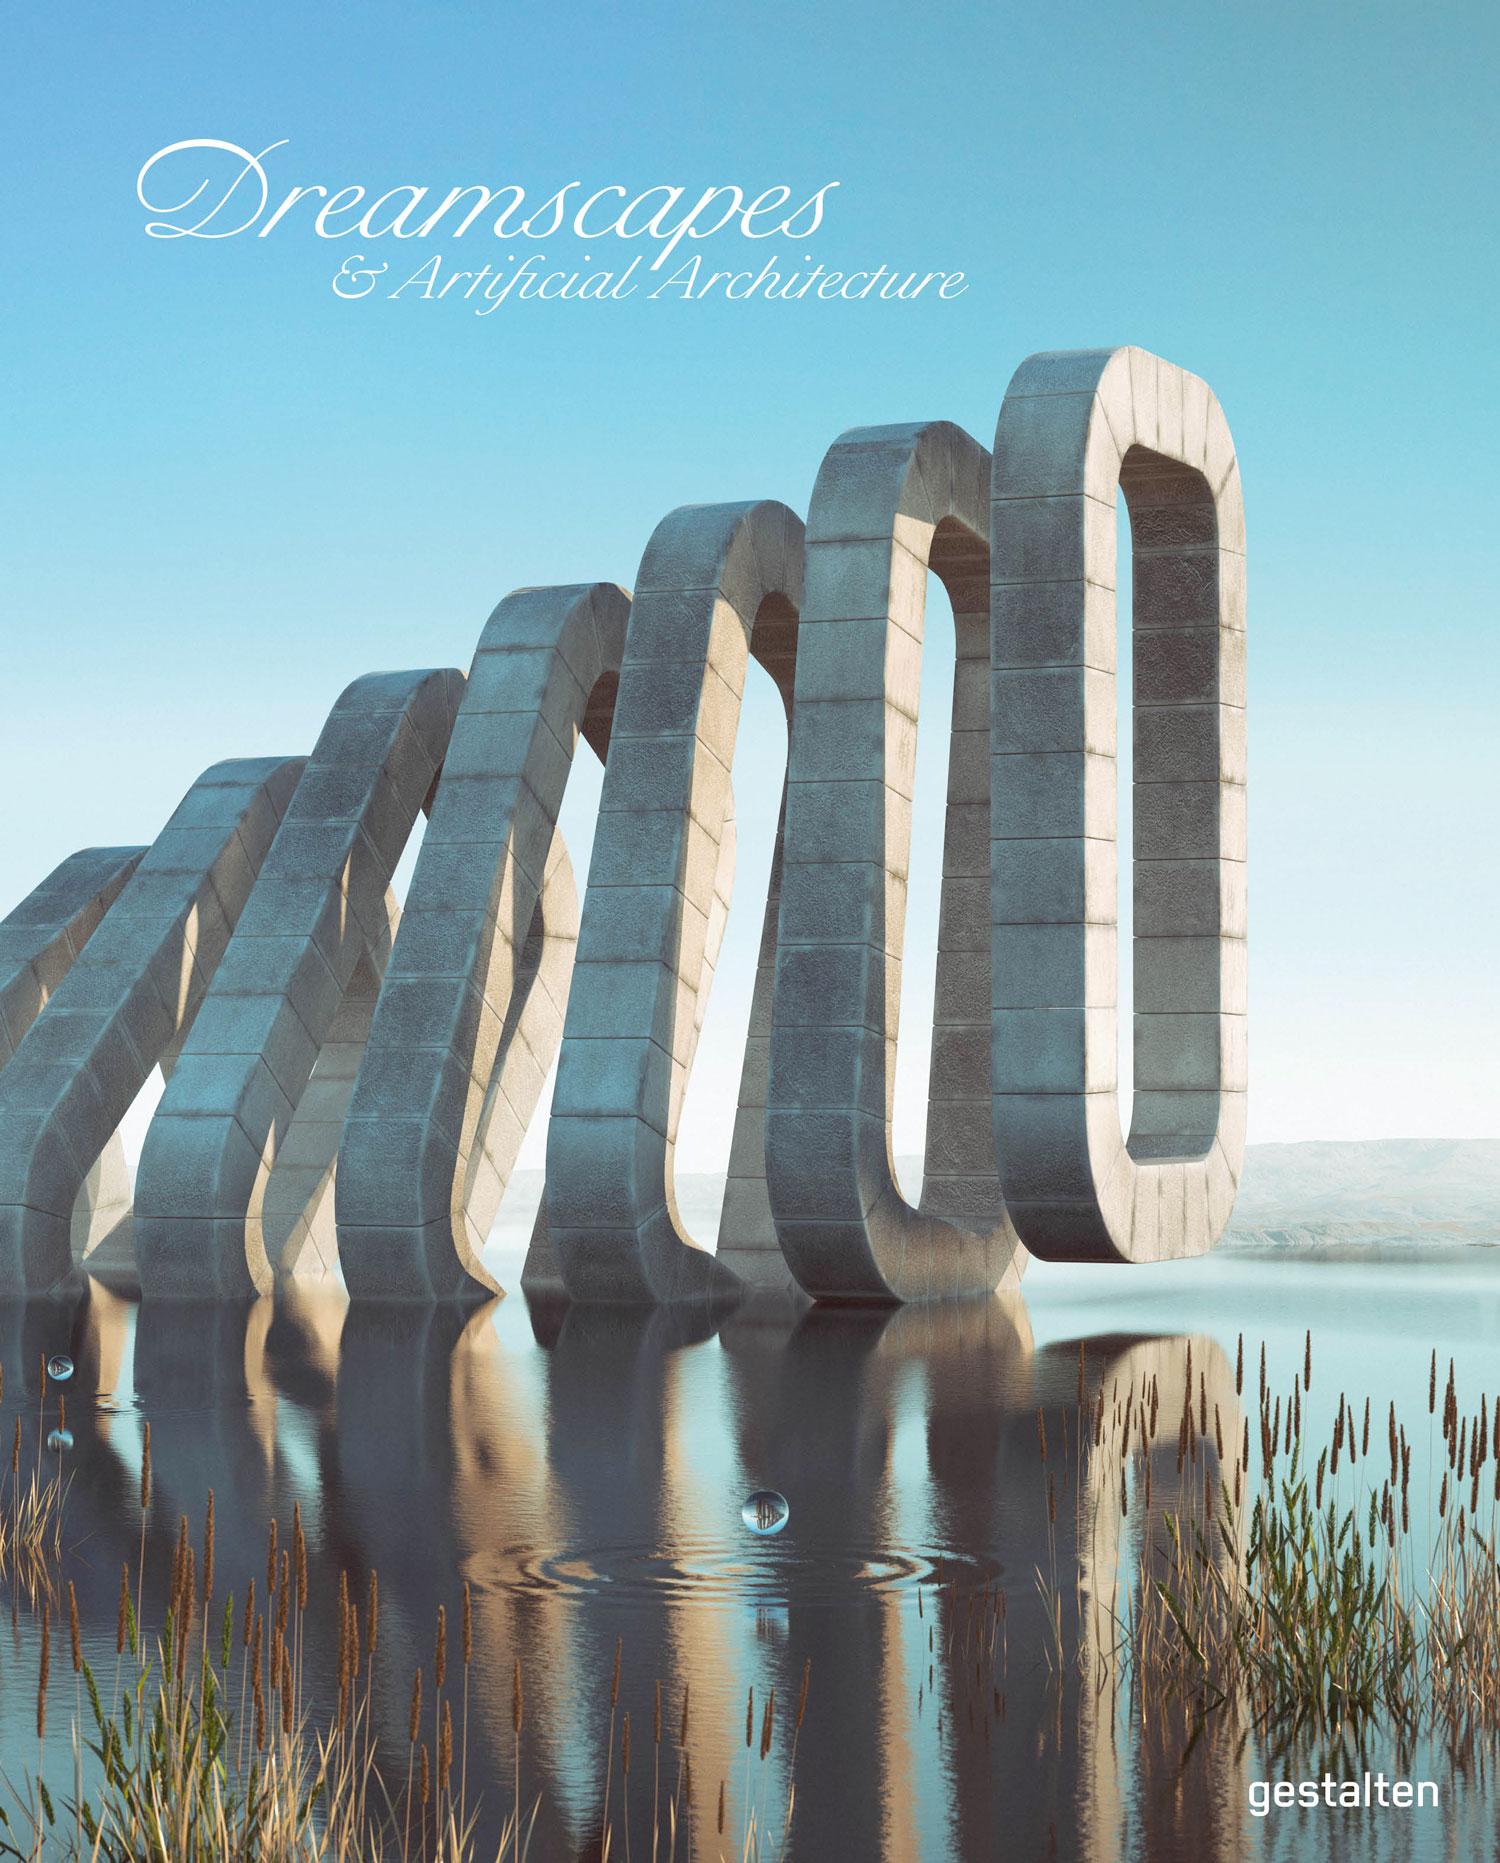 Dreamscapes_Cover_gestalten2020